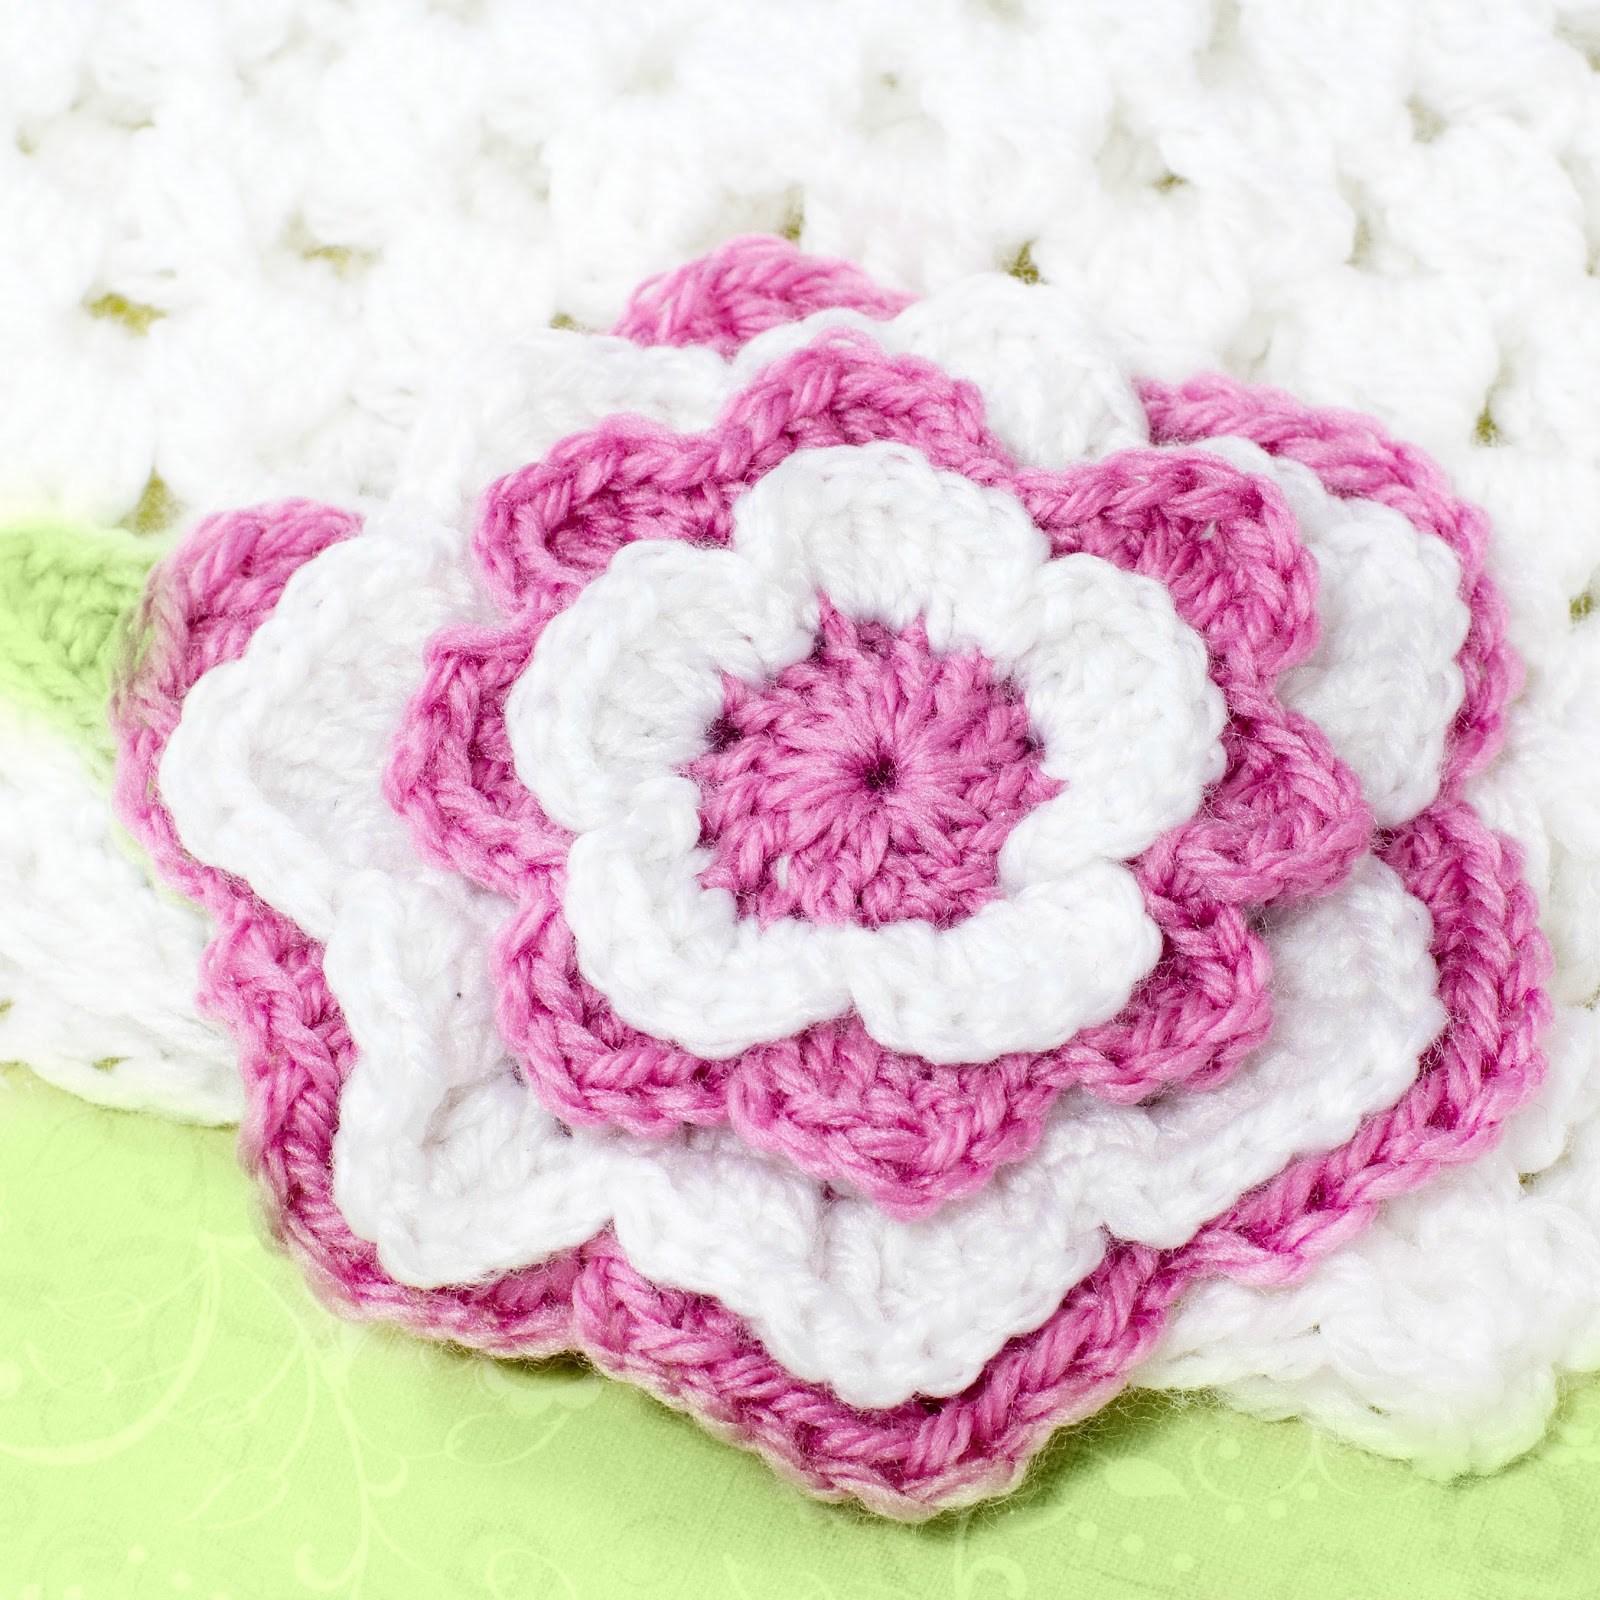 crochet flowers pattern 21. EBDADUW